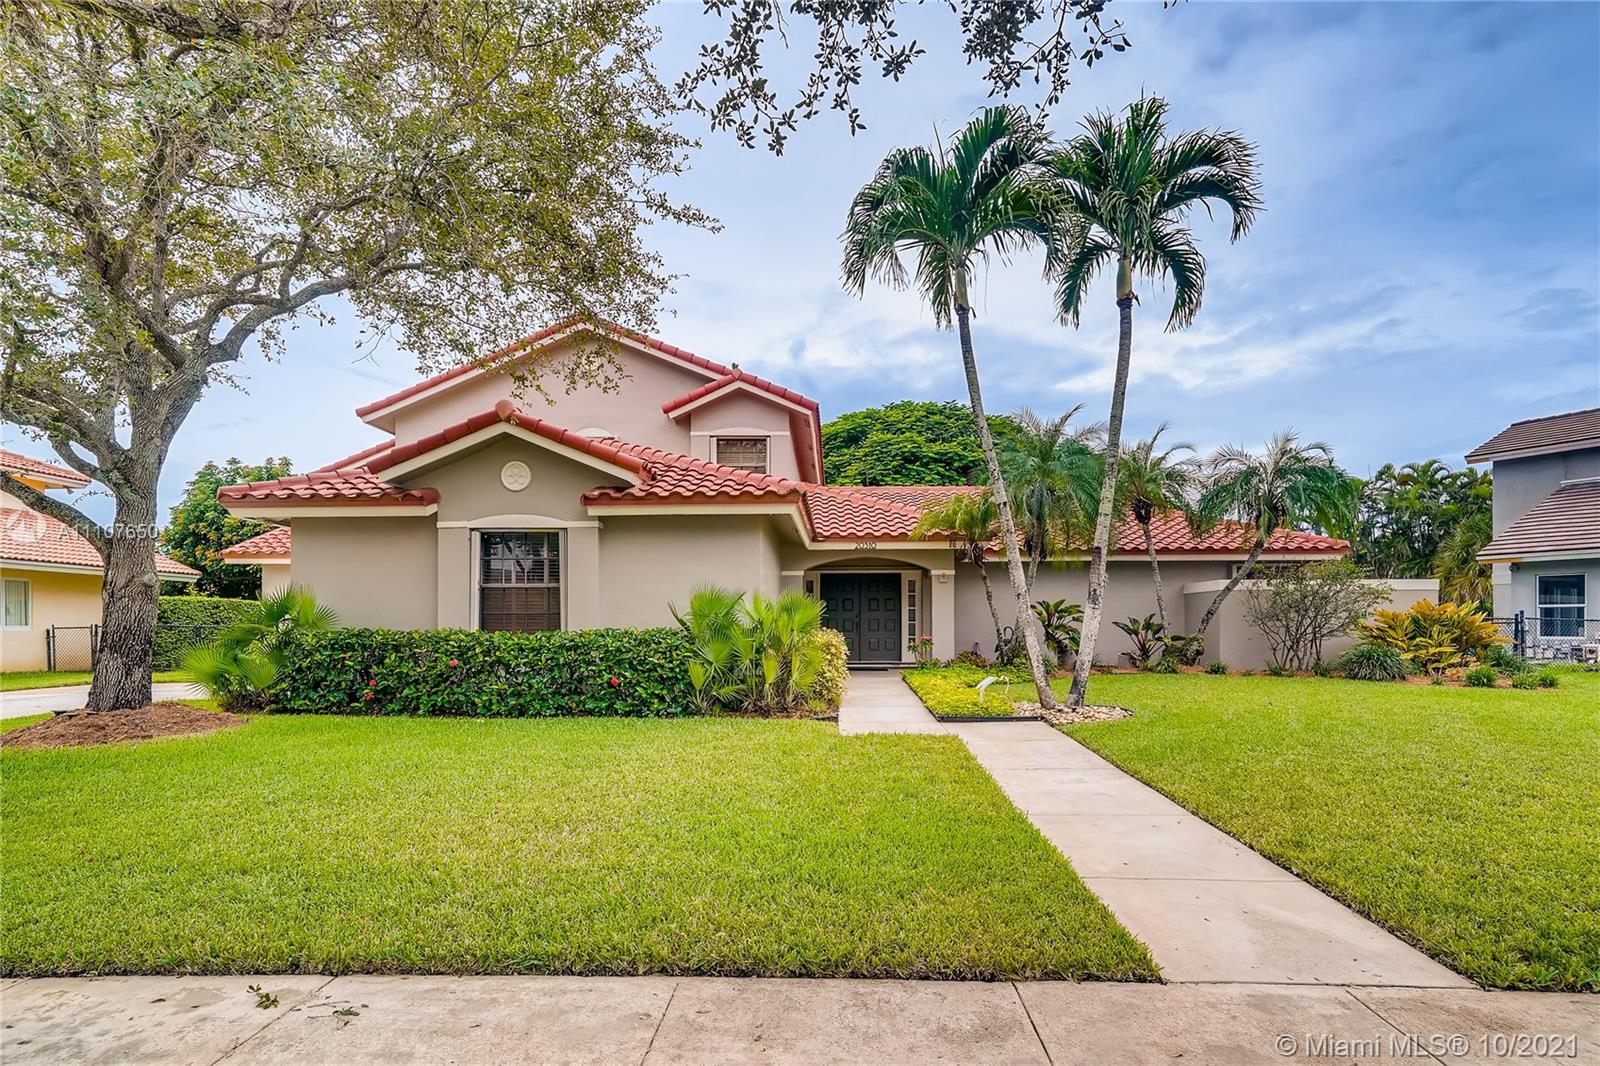 20310 7th St, Pembroke Pines, Florida 33029